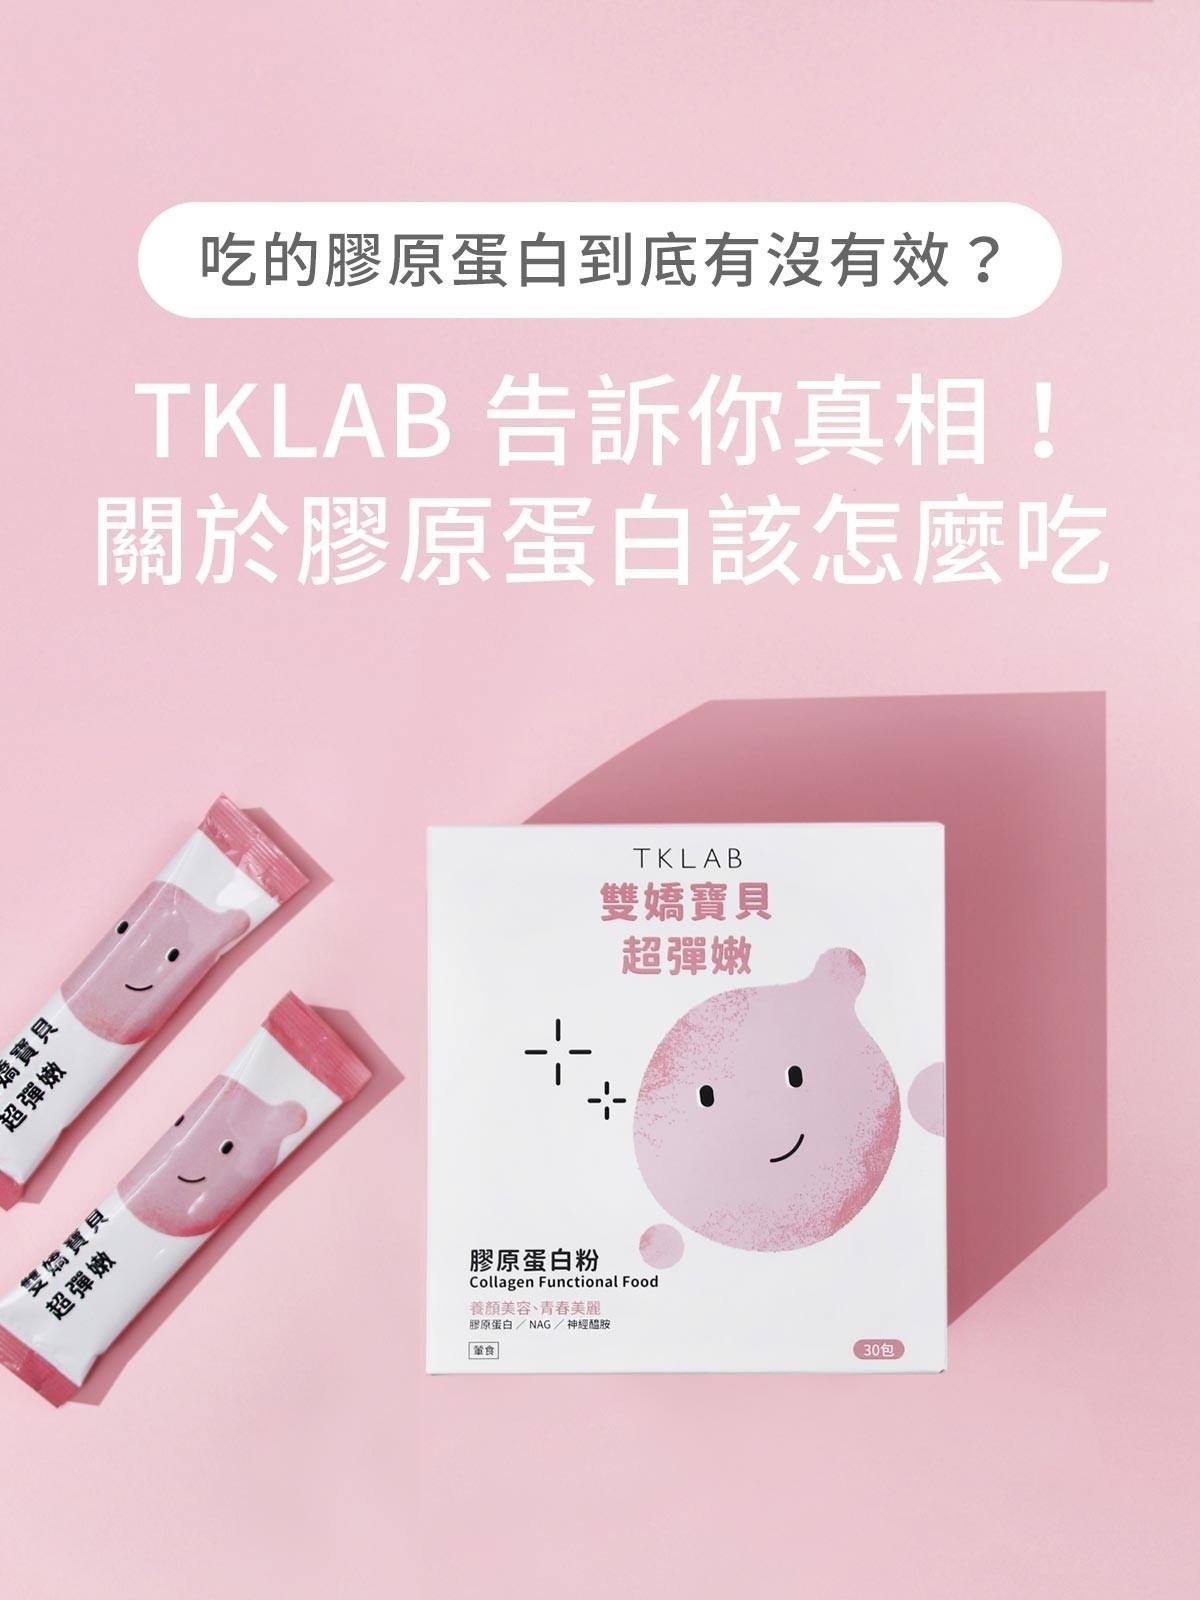 吃的膠原蛋白到底有沒有效?TKLAB告訴你真相!關於膠原蛋白該怎麼吃才有用。(2021)